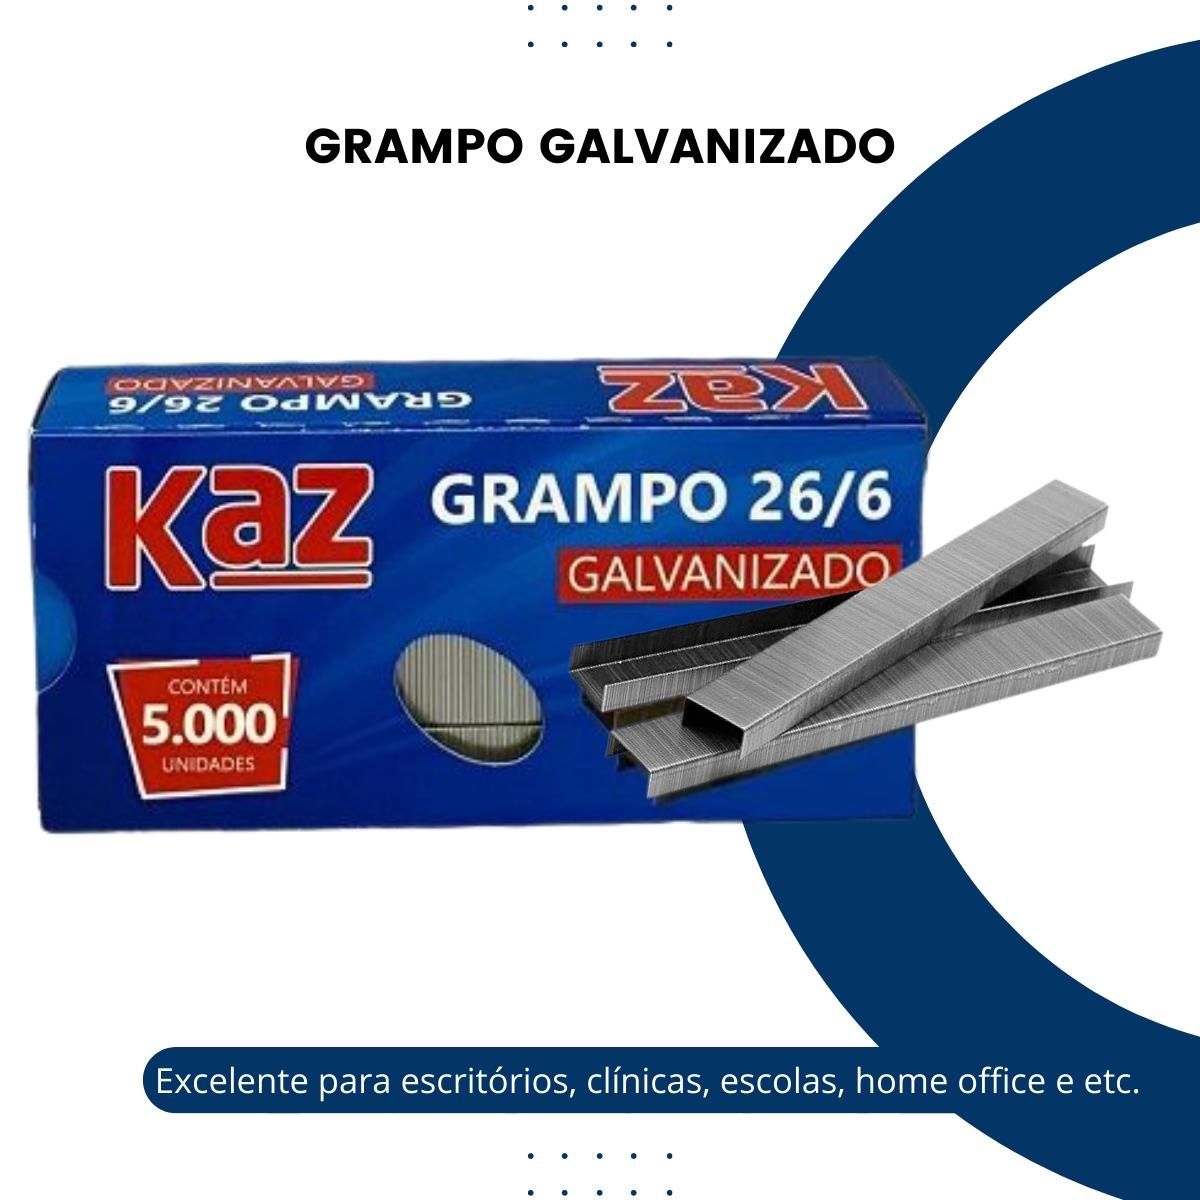 Grampo Galvanizado 26/6 Escritório Grampeador Office 5000uni